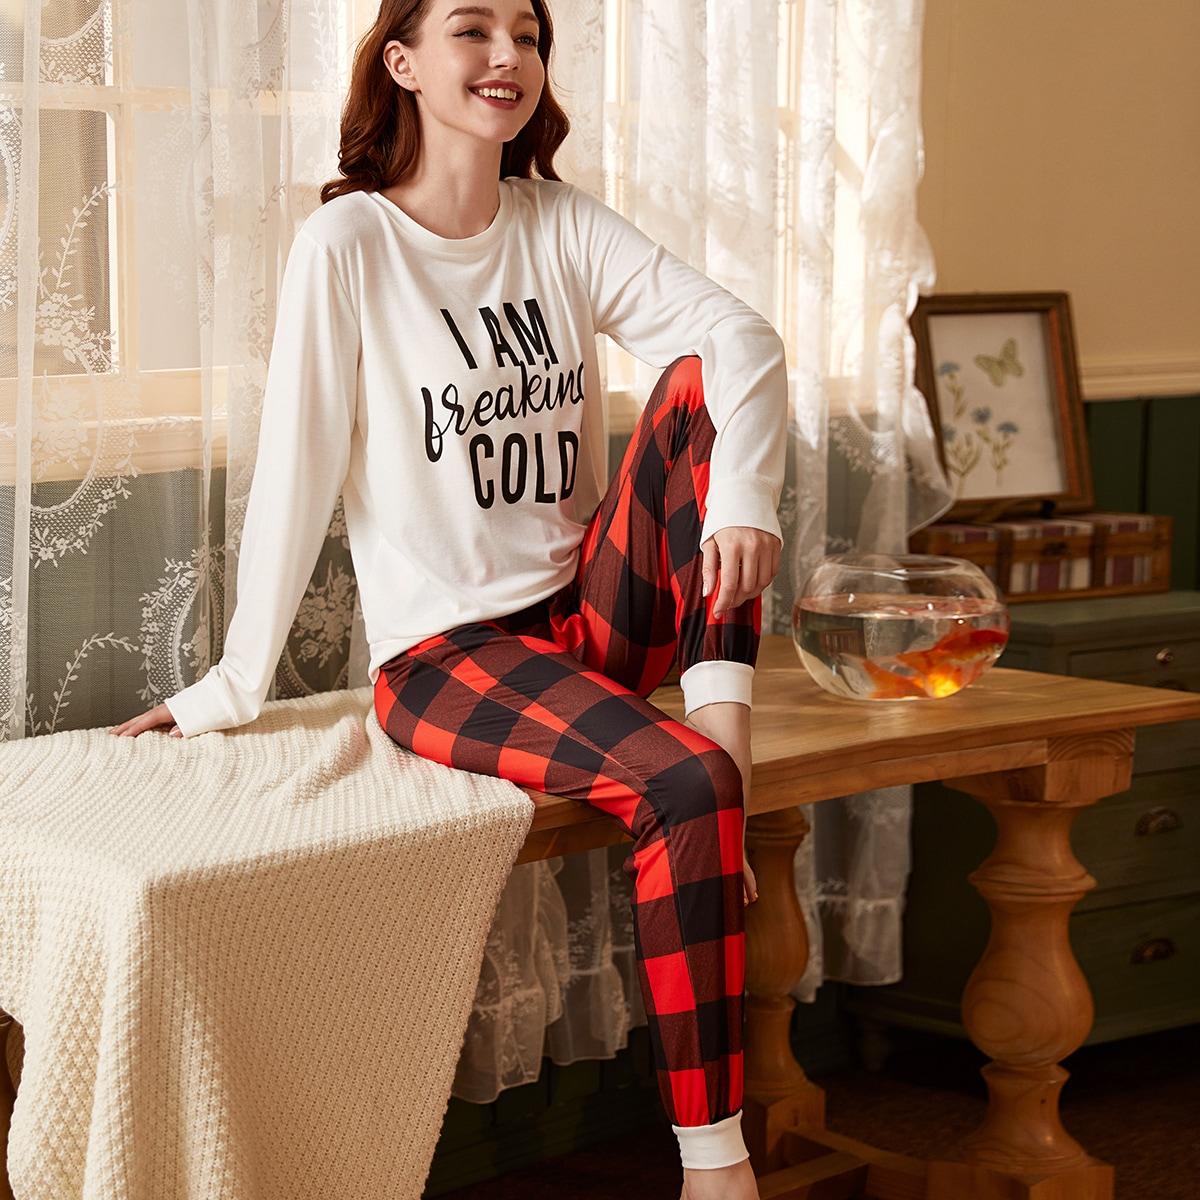 Пижама в клетку с текстовым принтом